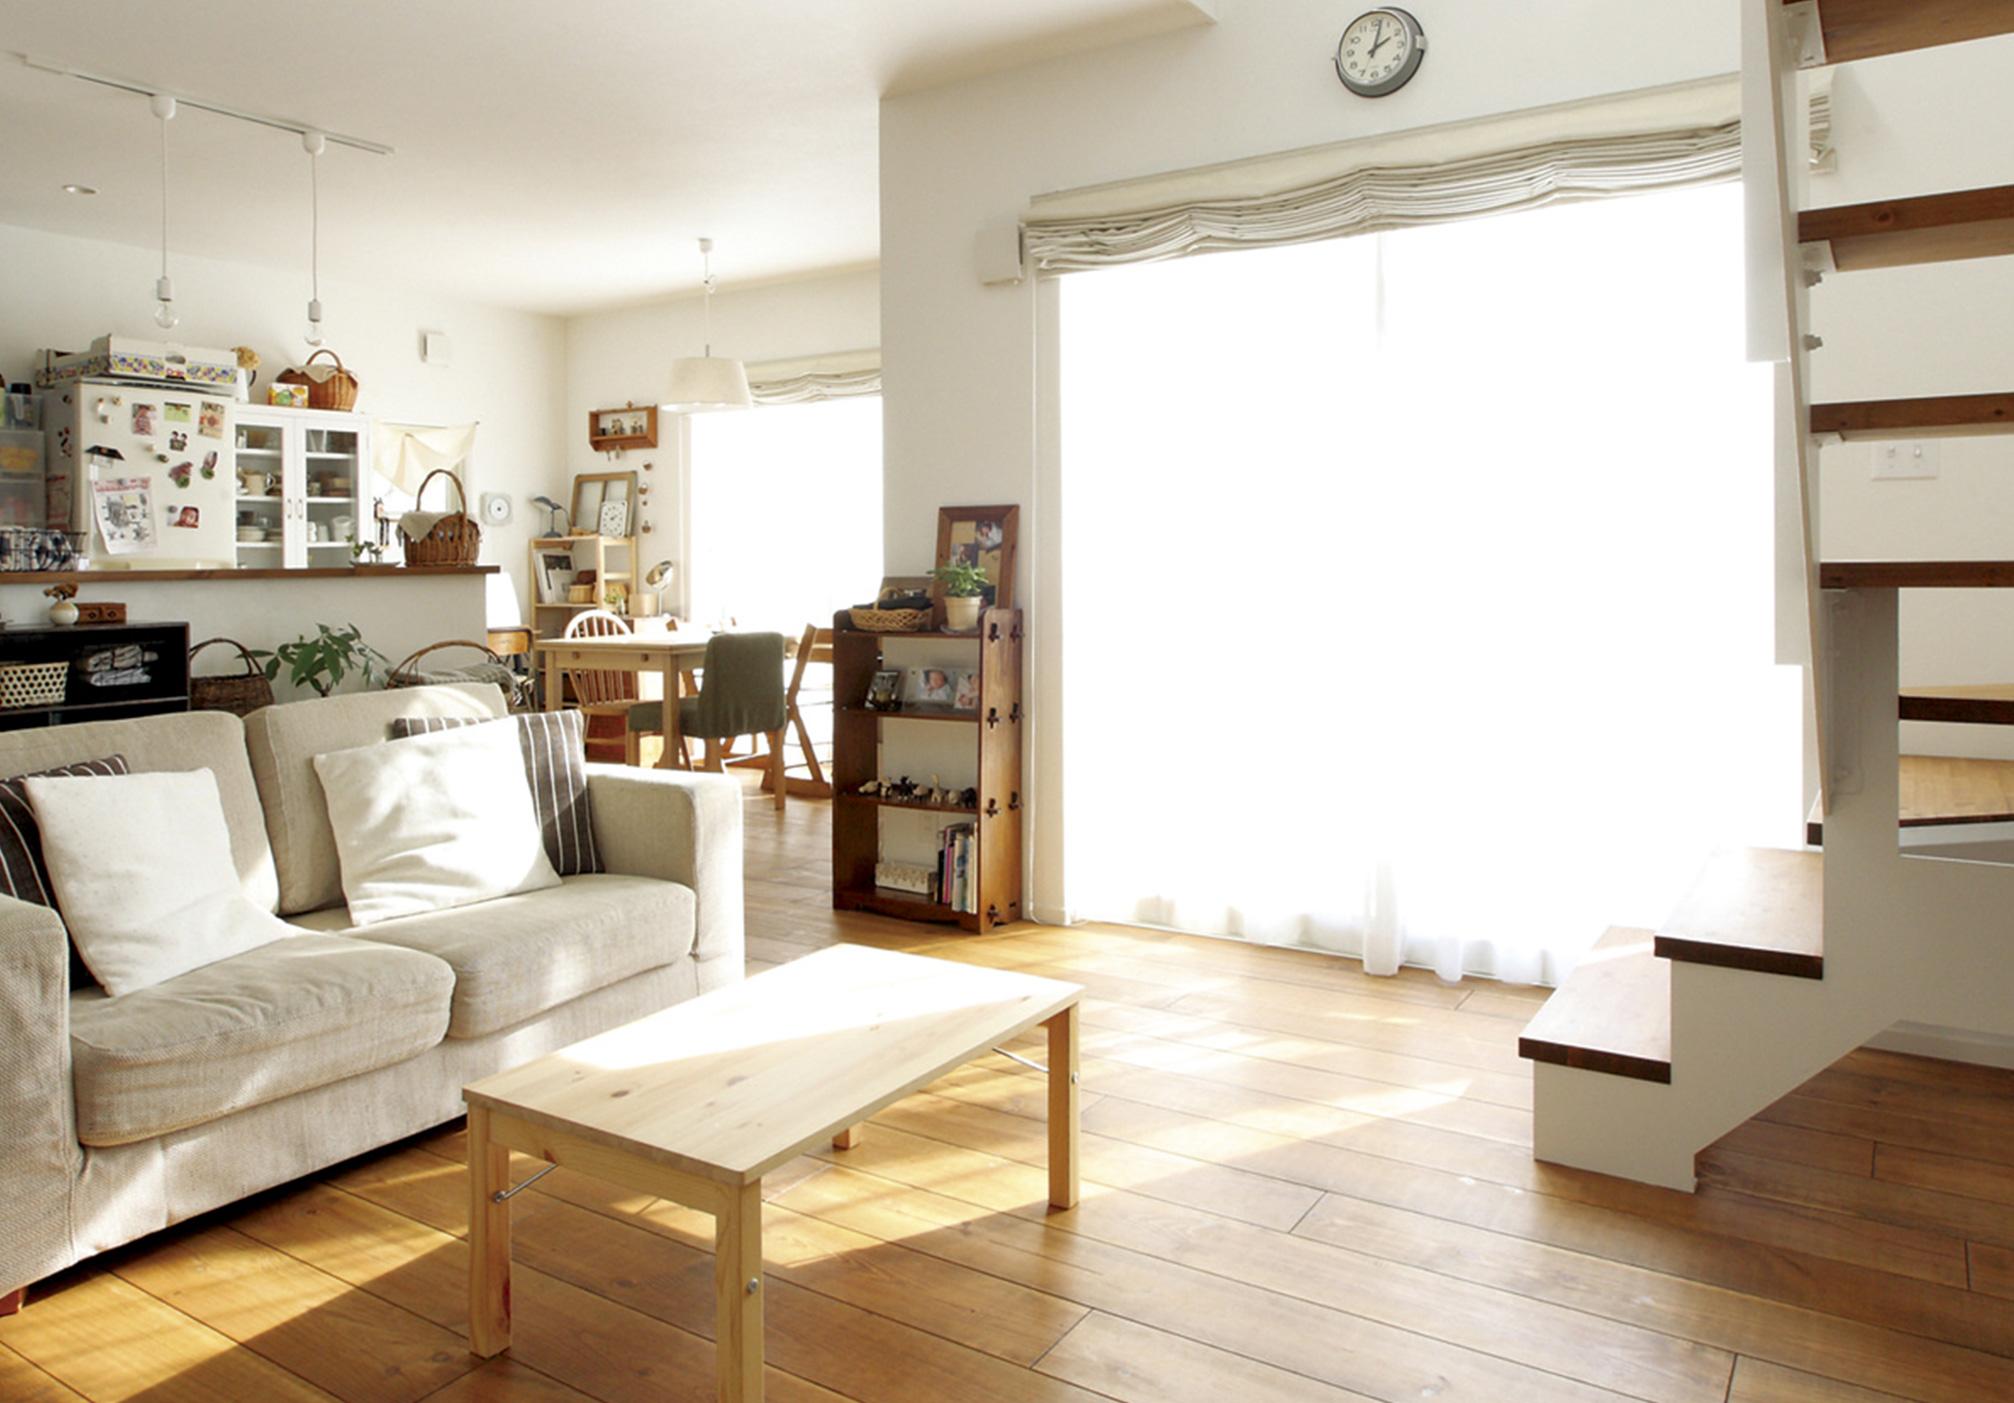 壁には珪藻土、床にはフレンチパインの無垢フローリングを採用し、自然素材に囲まれた心地良い住空間を実現。開放的なリビングの吹抜けは十分な光を室内に届けてくれる